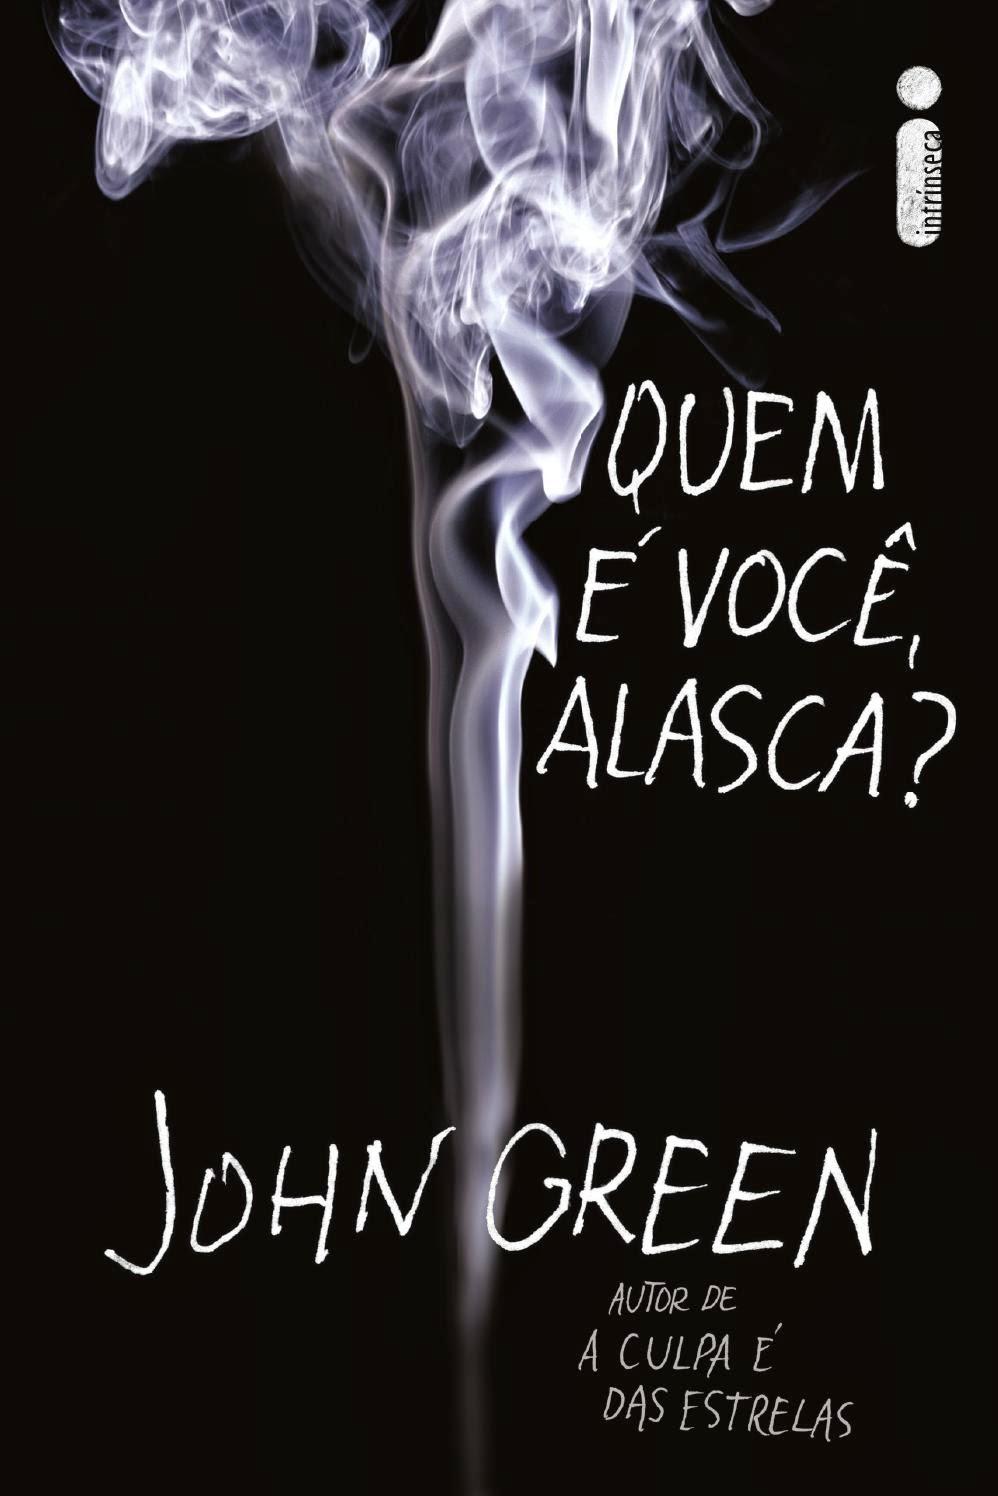 Quem é Você, Alasca? - John Green